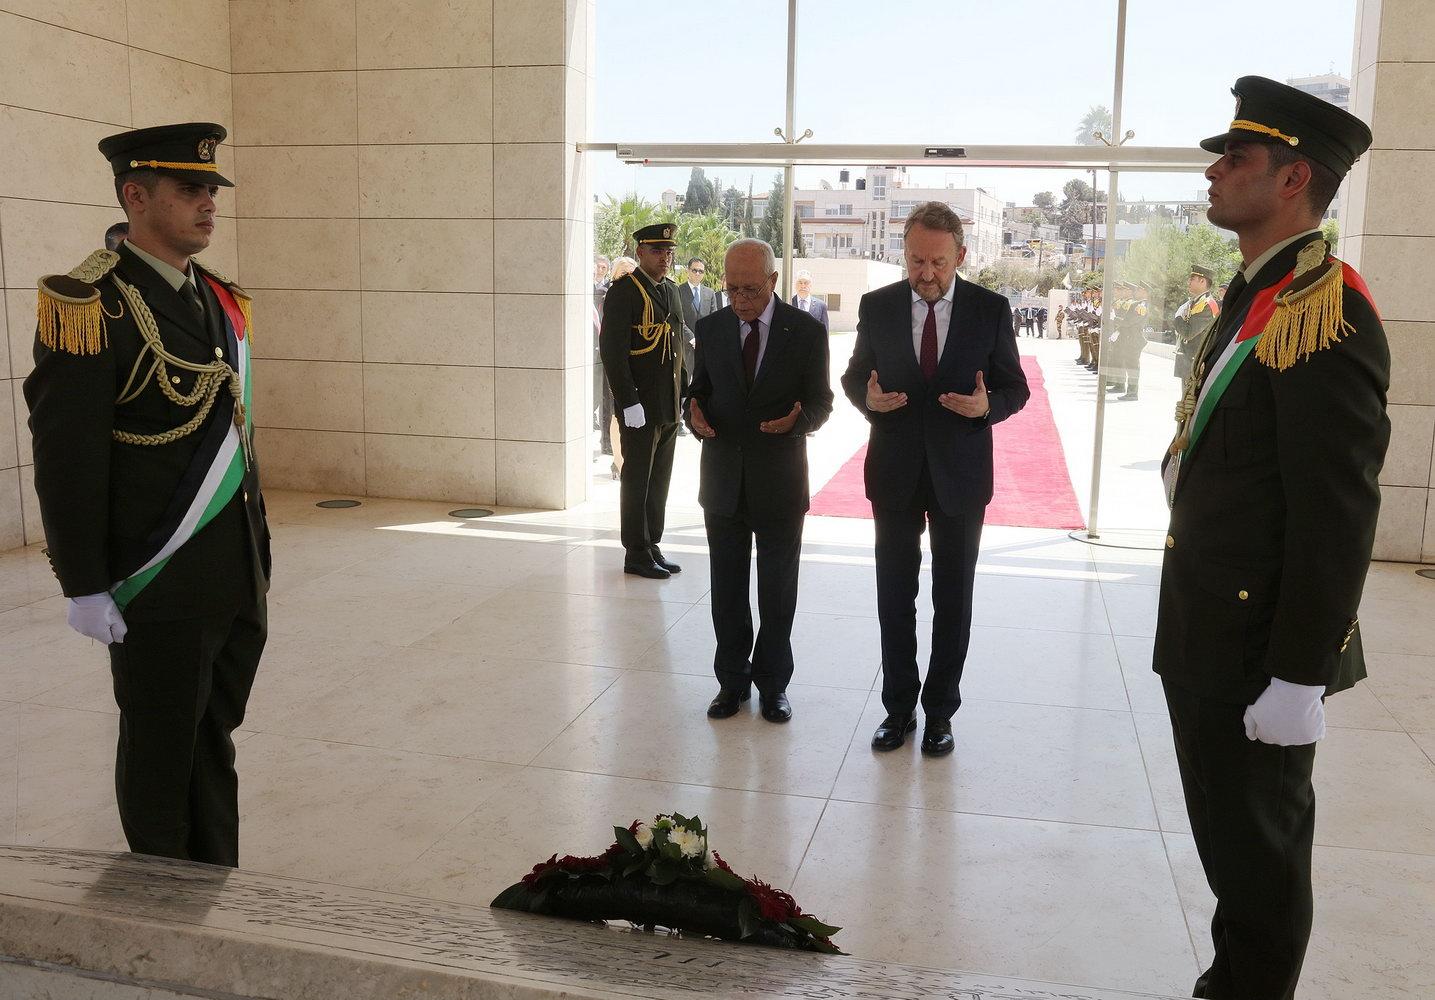 الرئيس البوسني يضع إكليلا من الزهور على ضريح الشهيد ياسر عرفات